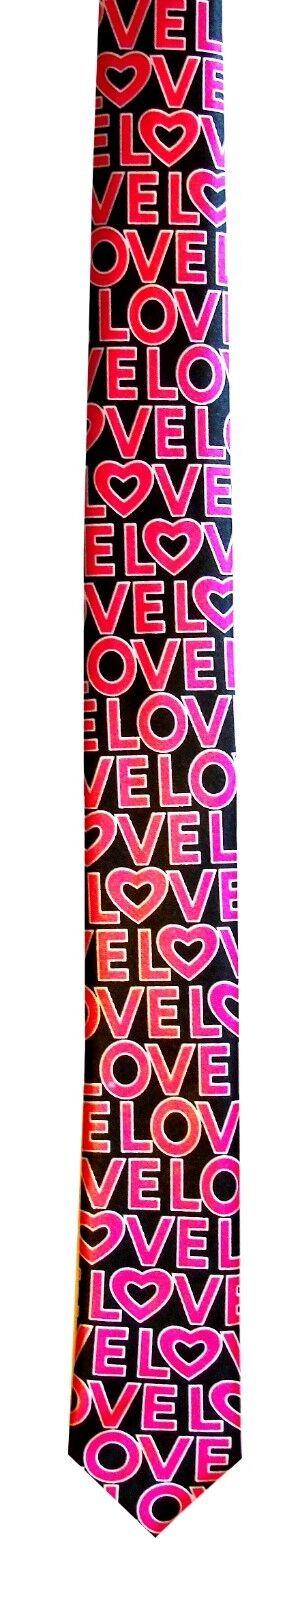 ! nuevo! para Hombres Negro Rosa Seda se sienten día de San Valentín Amor Novedad Navidad romántico Corbata